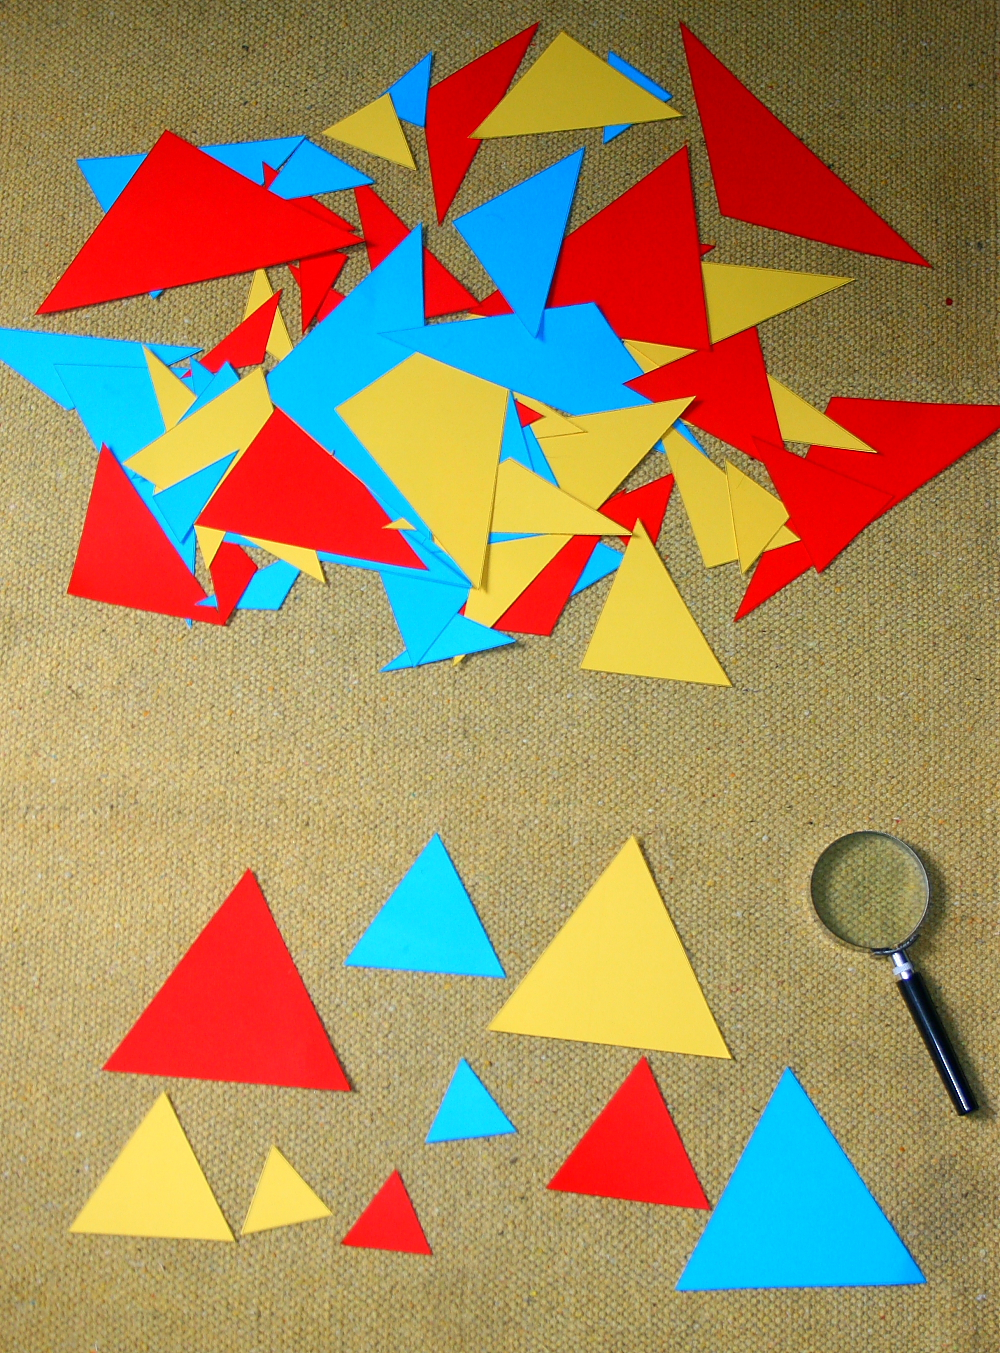 gioco del detective Montessori 27